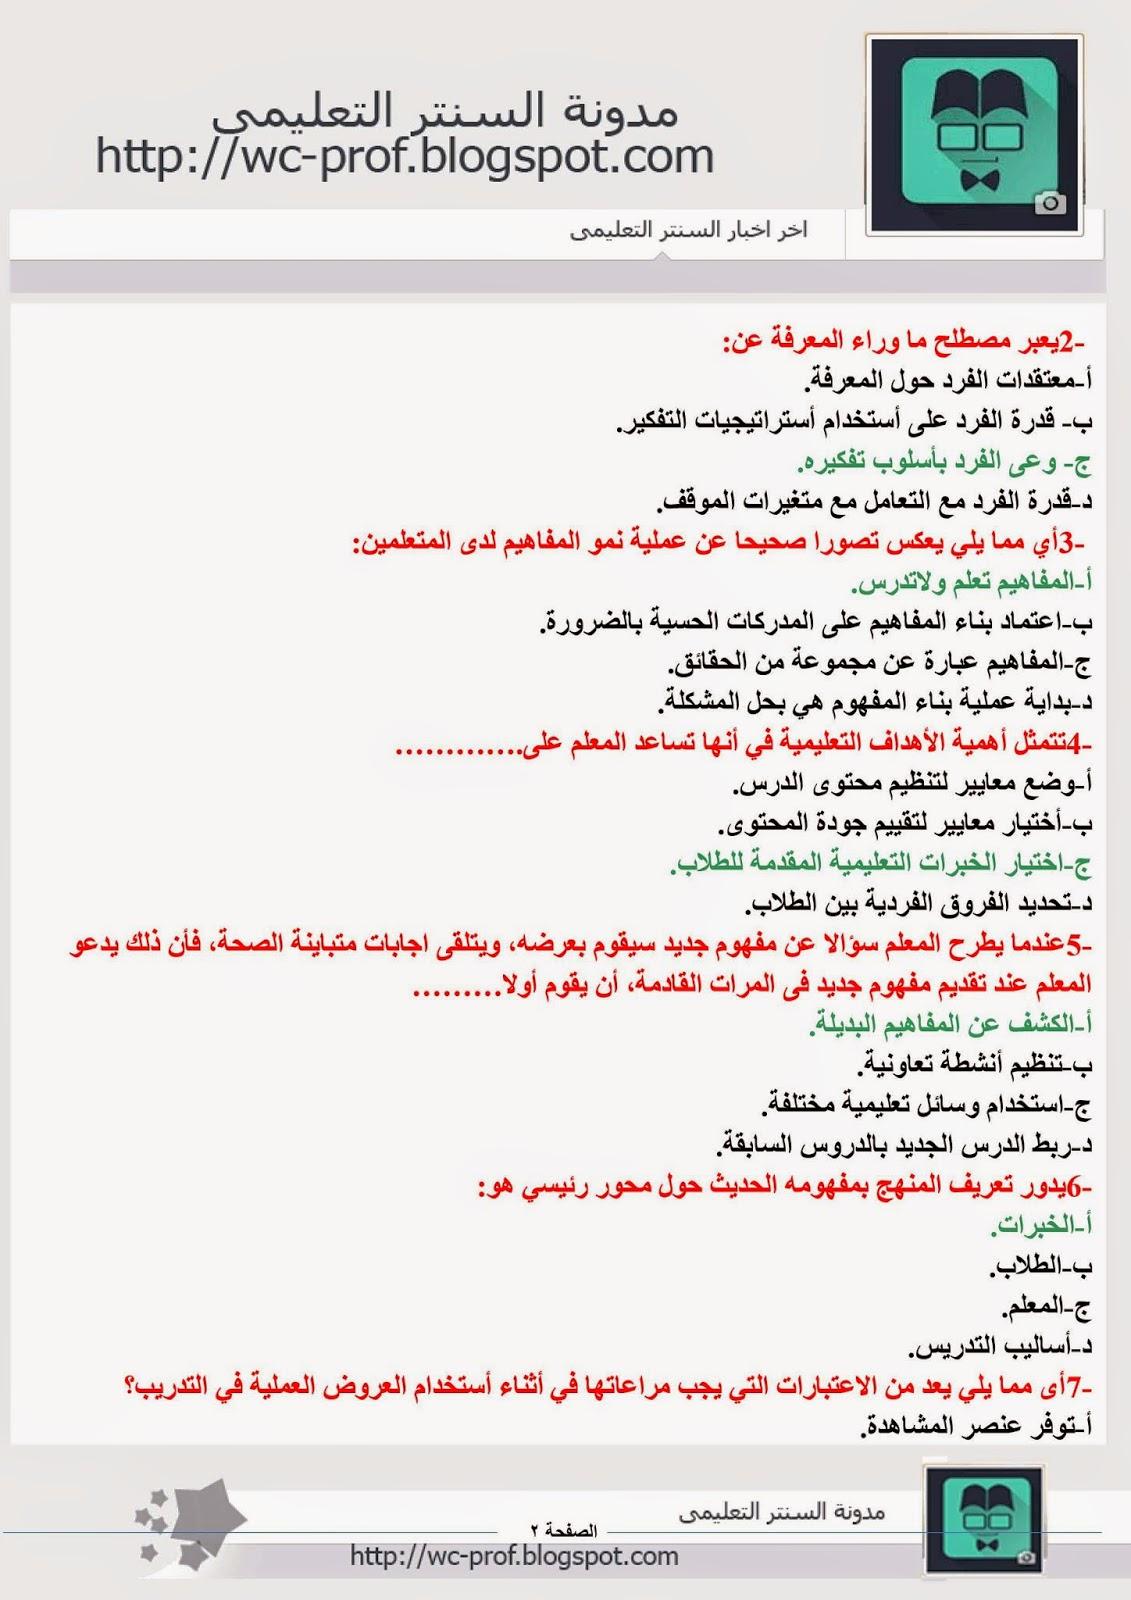 أسئلة اختبارات مسابقة وزارة التربية والتعليم 2014 و أجابتها